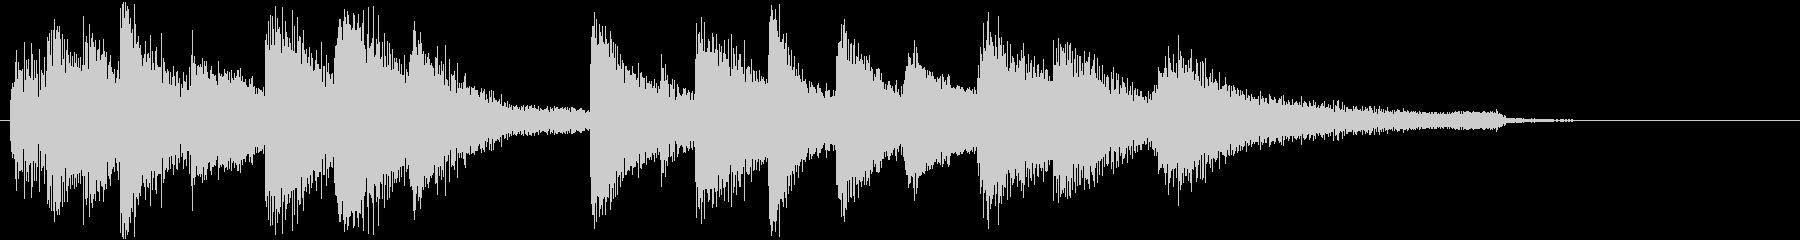 エレガントでおしゃれなピアノジングルの未再生の波形